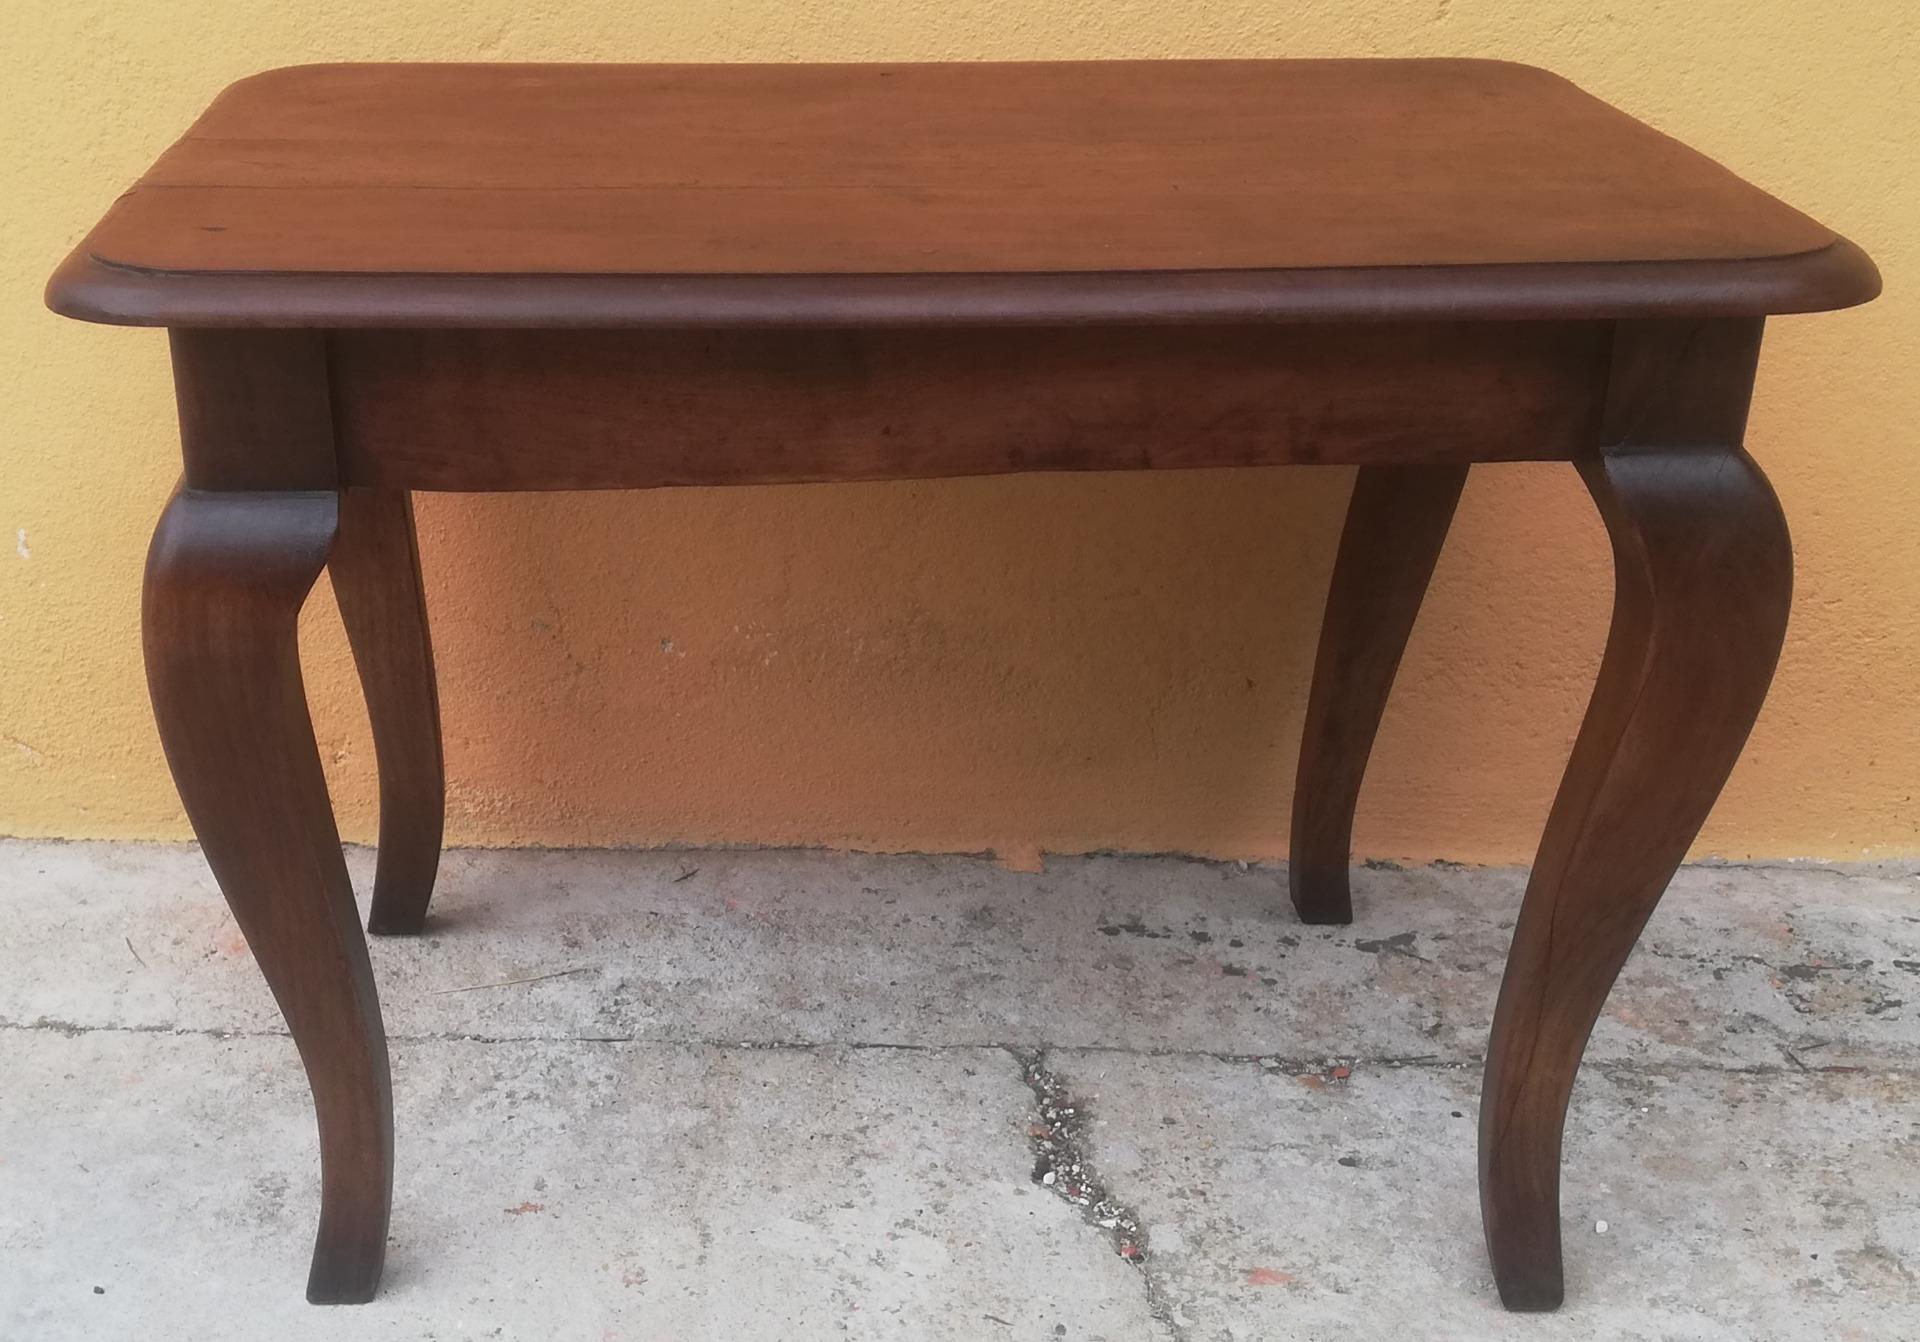 Tavolino Basso Antiquariato.Tavolino Basso Del 1900 Antiquariato Su Anticoantico